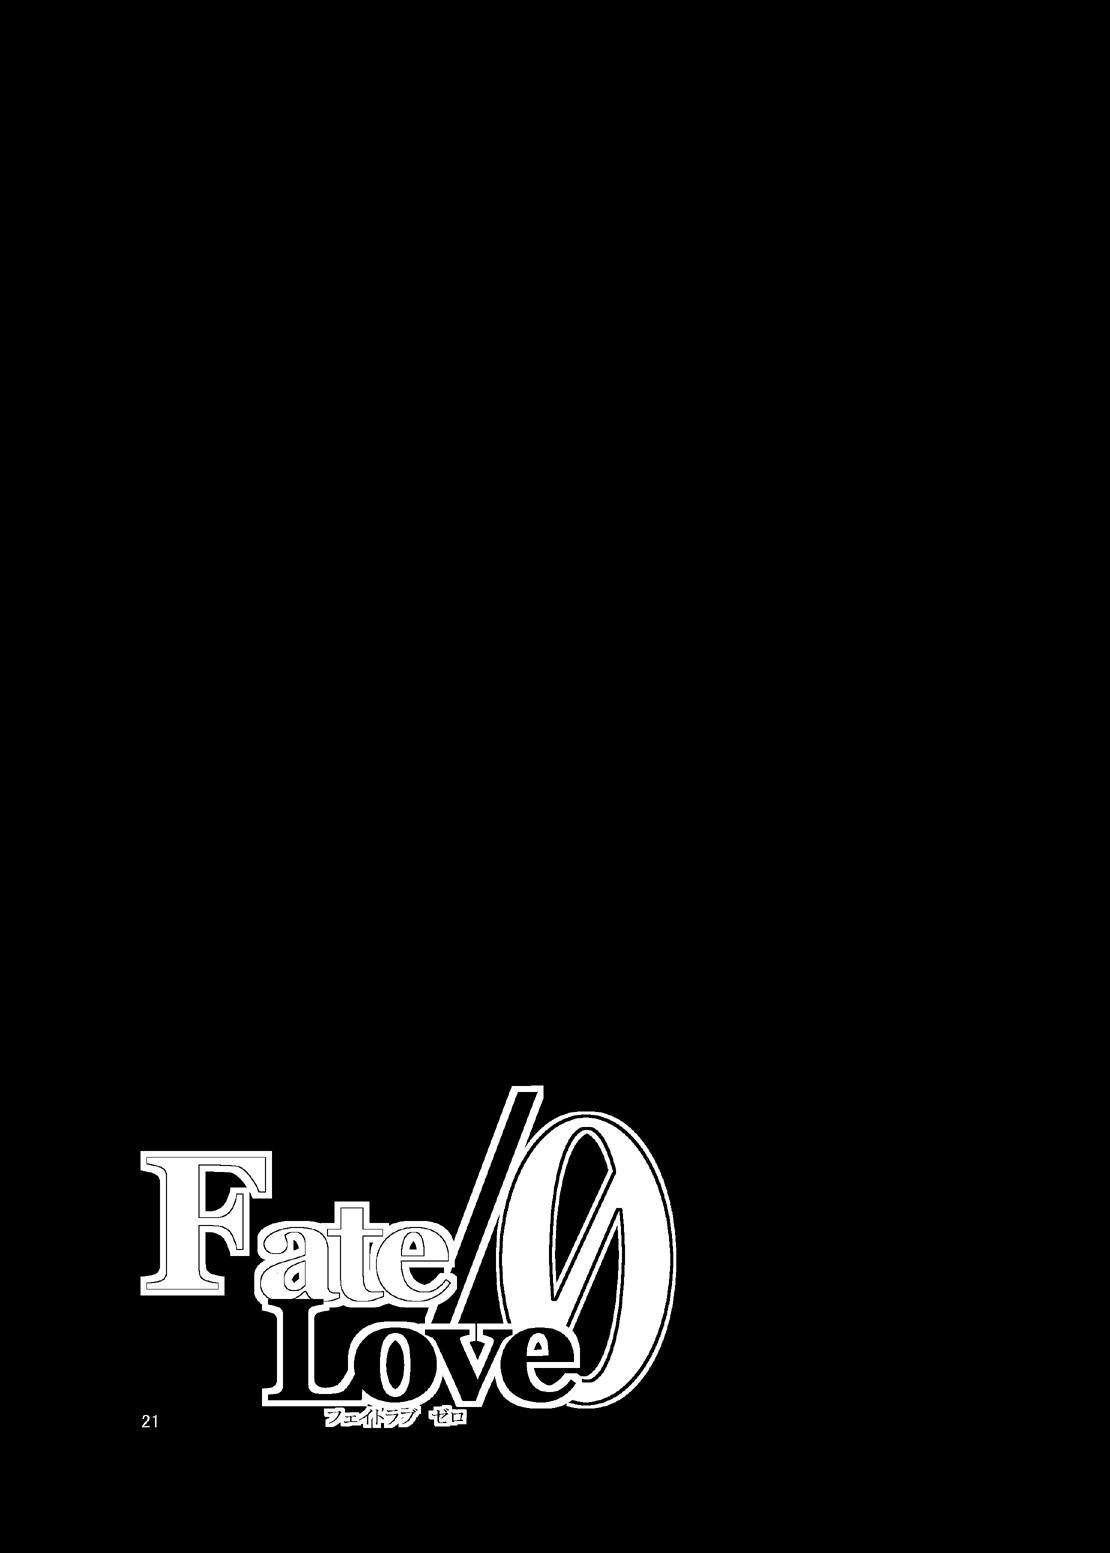 Fate/Love 0 19